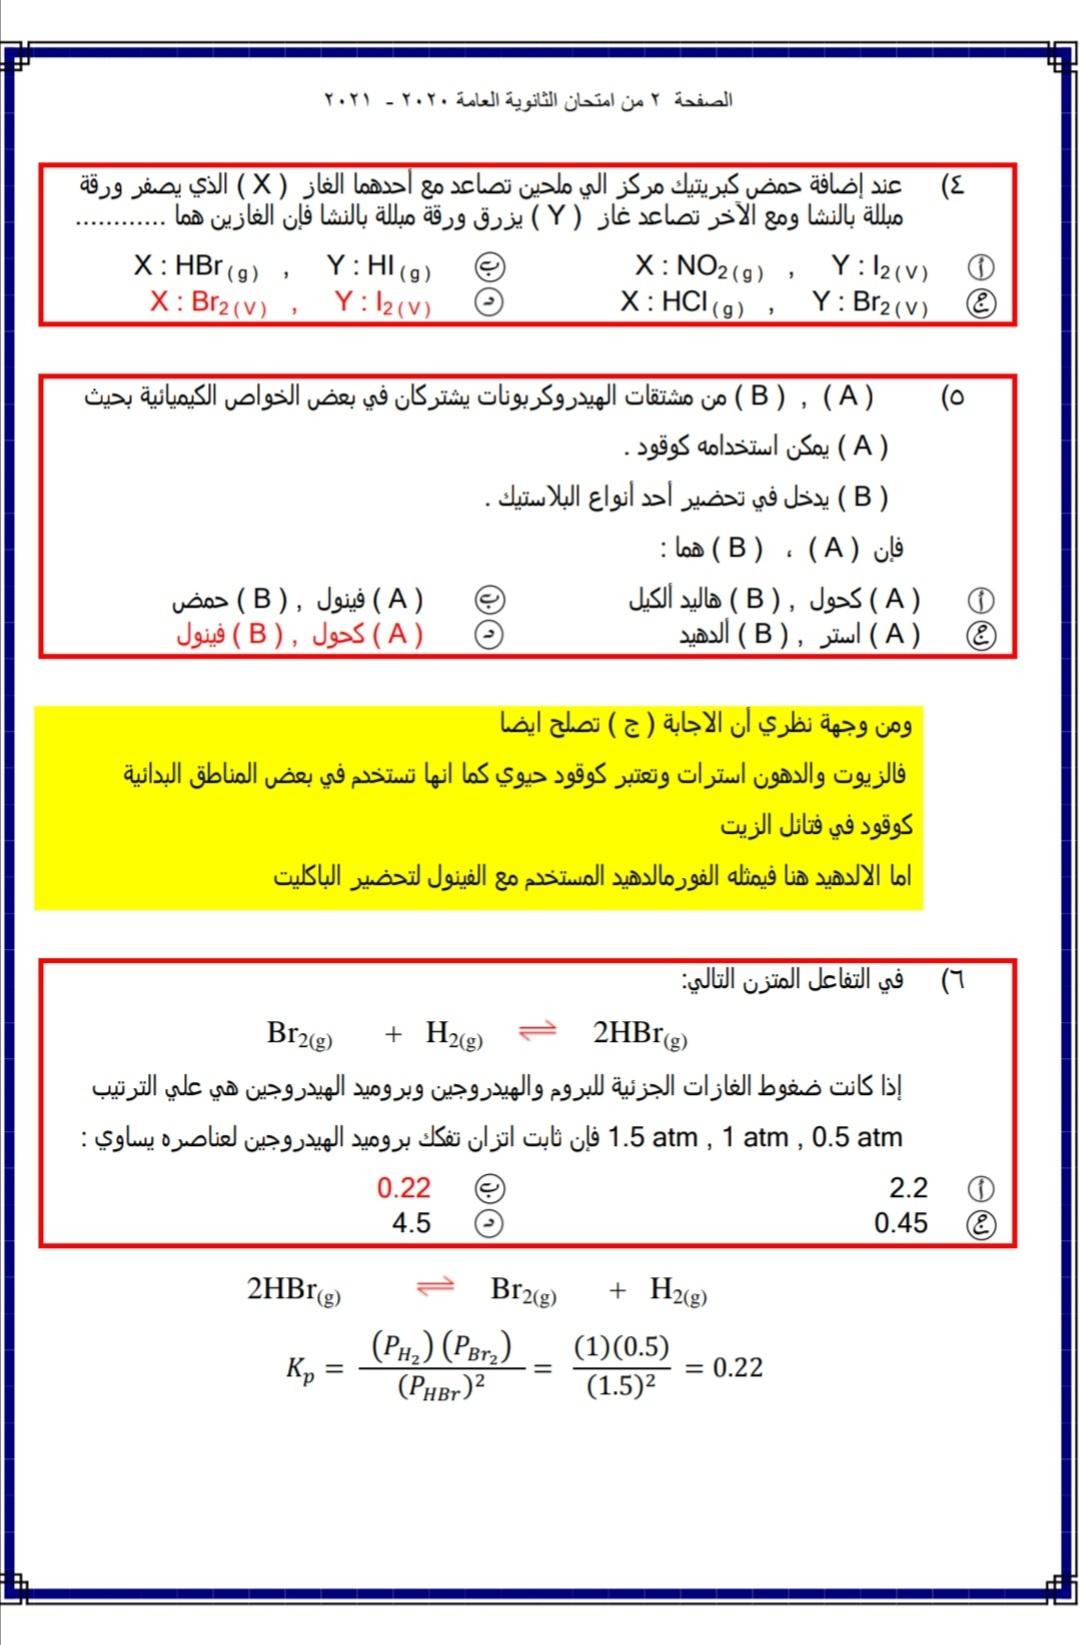 نموذج اجابة امتحان الكيمياء للثانوية العامة 2021 2